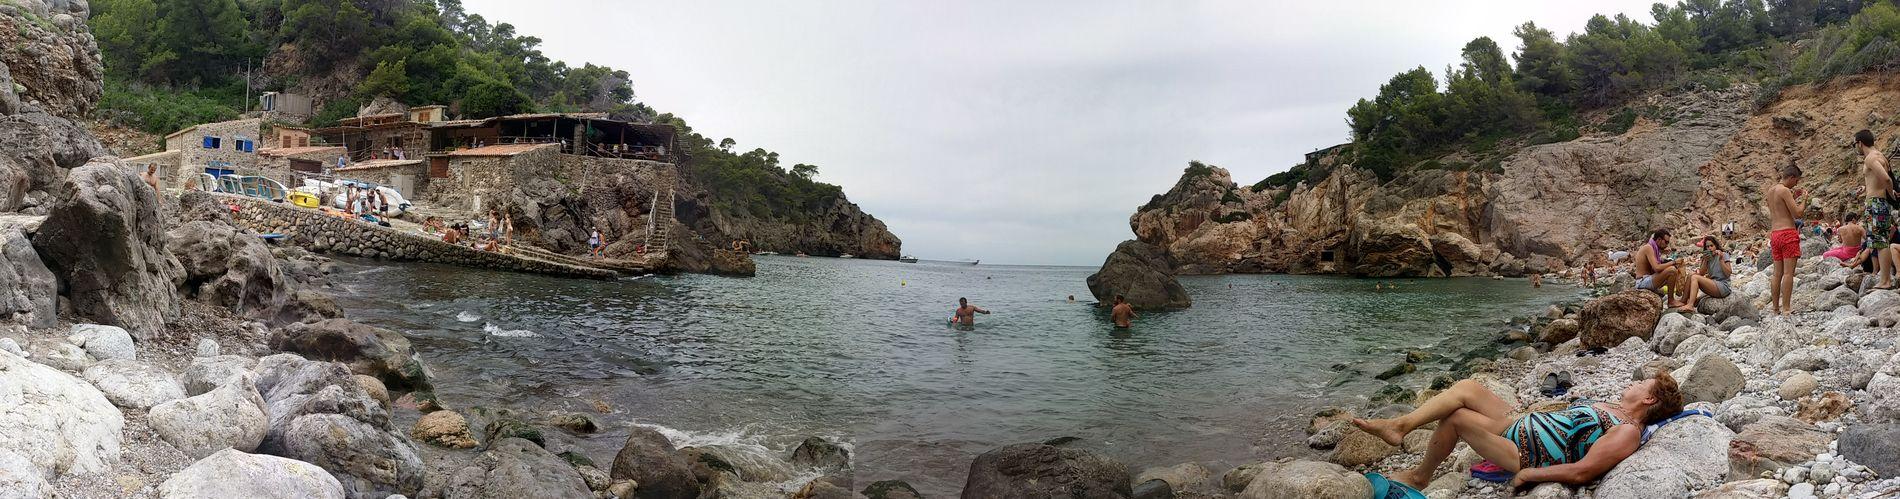 Nature_collection Calas Calas Hermosas De Mallorca Mallorca